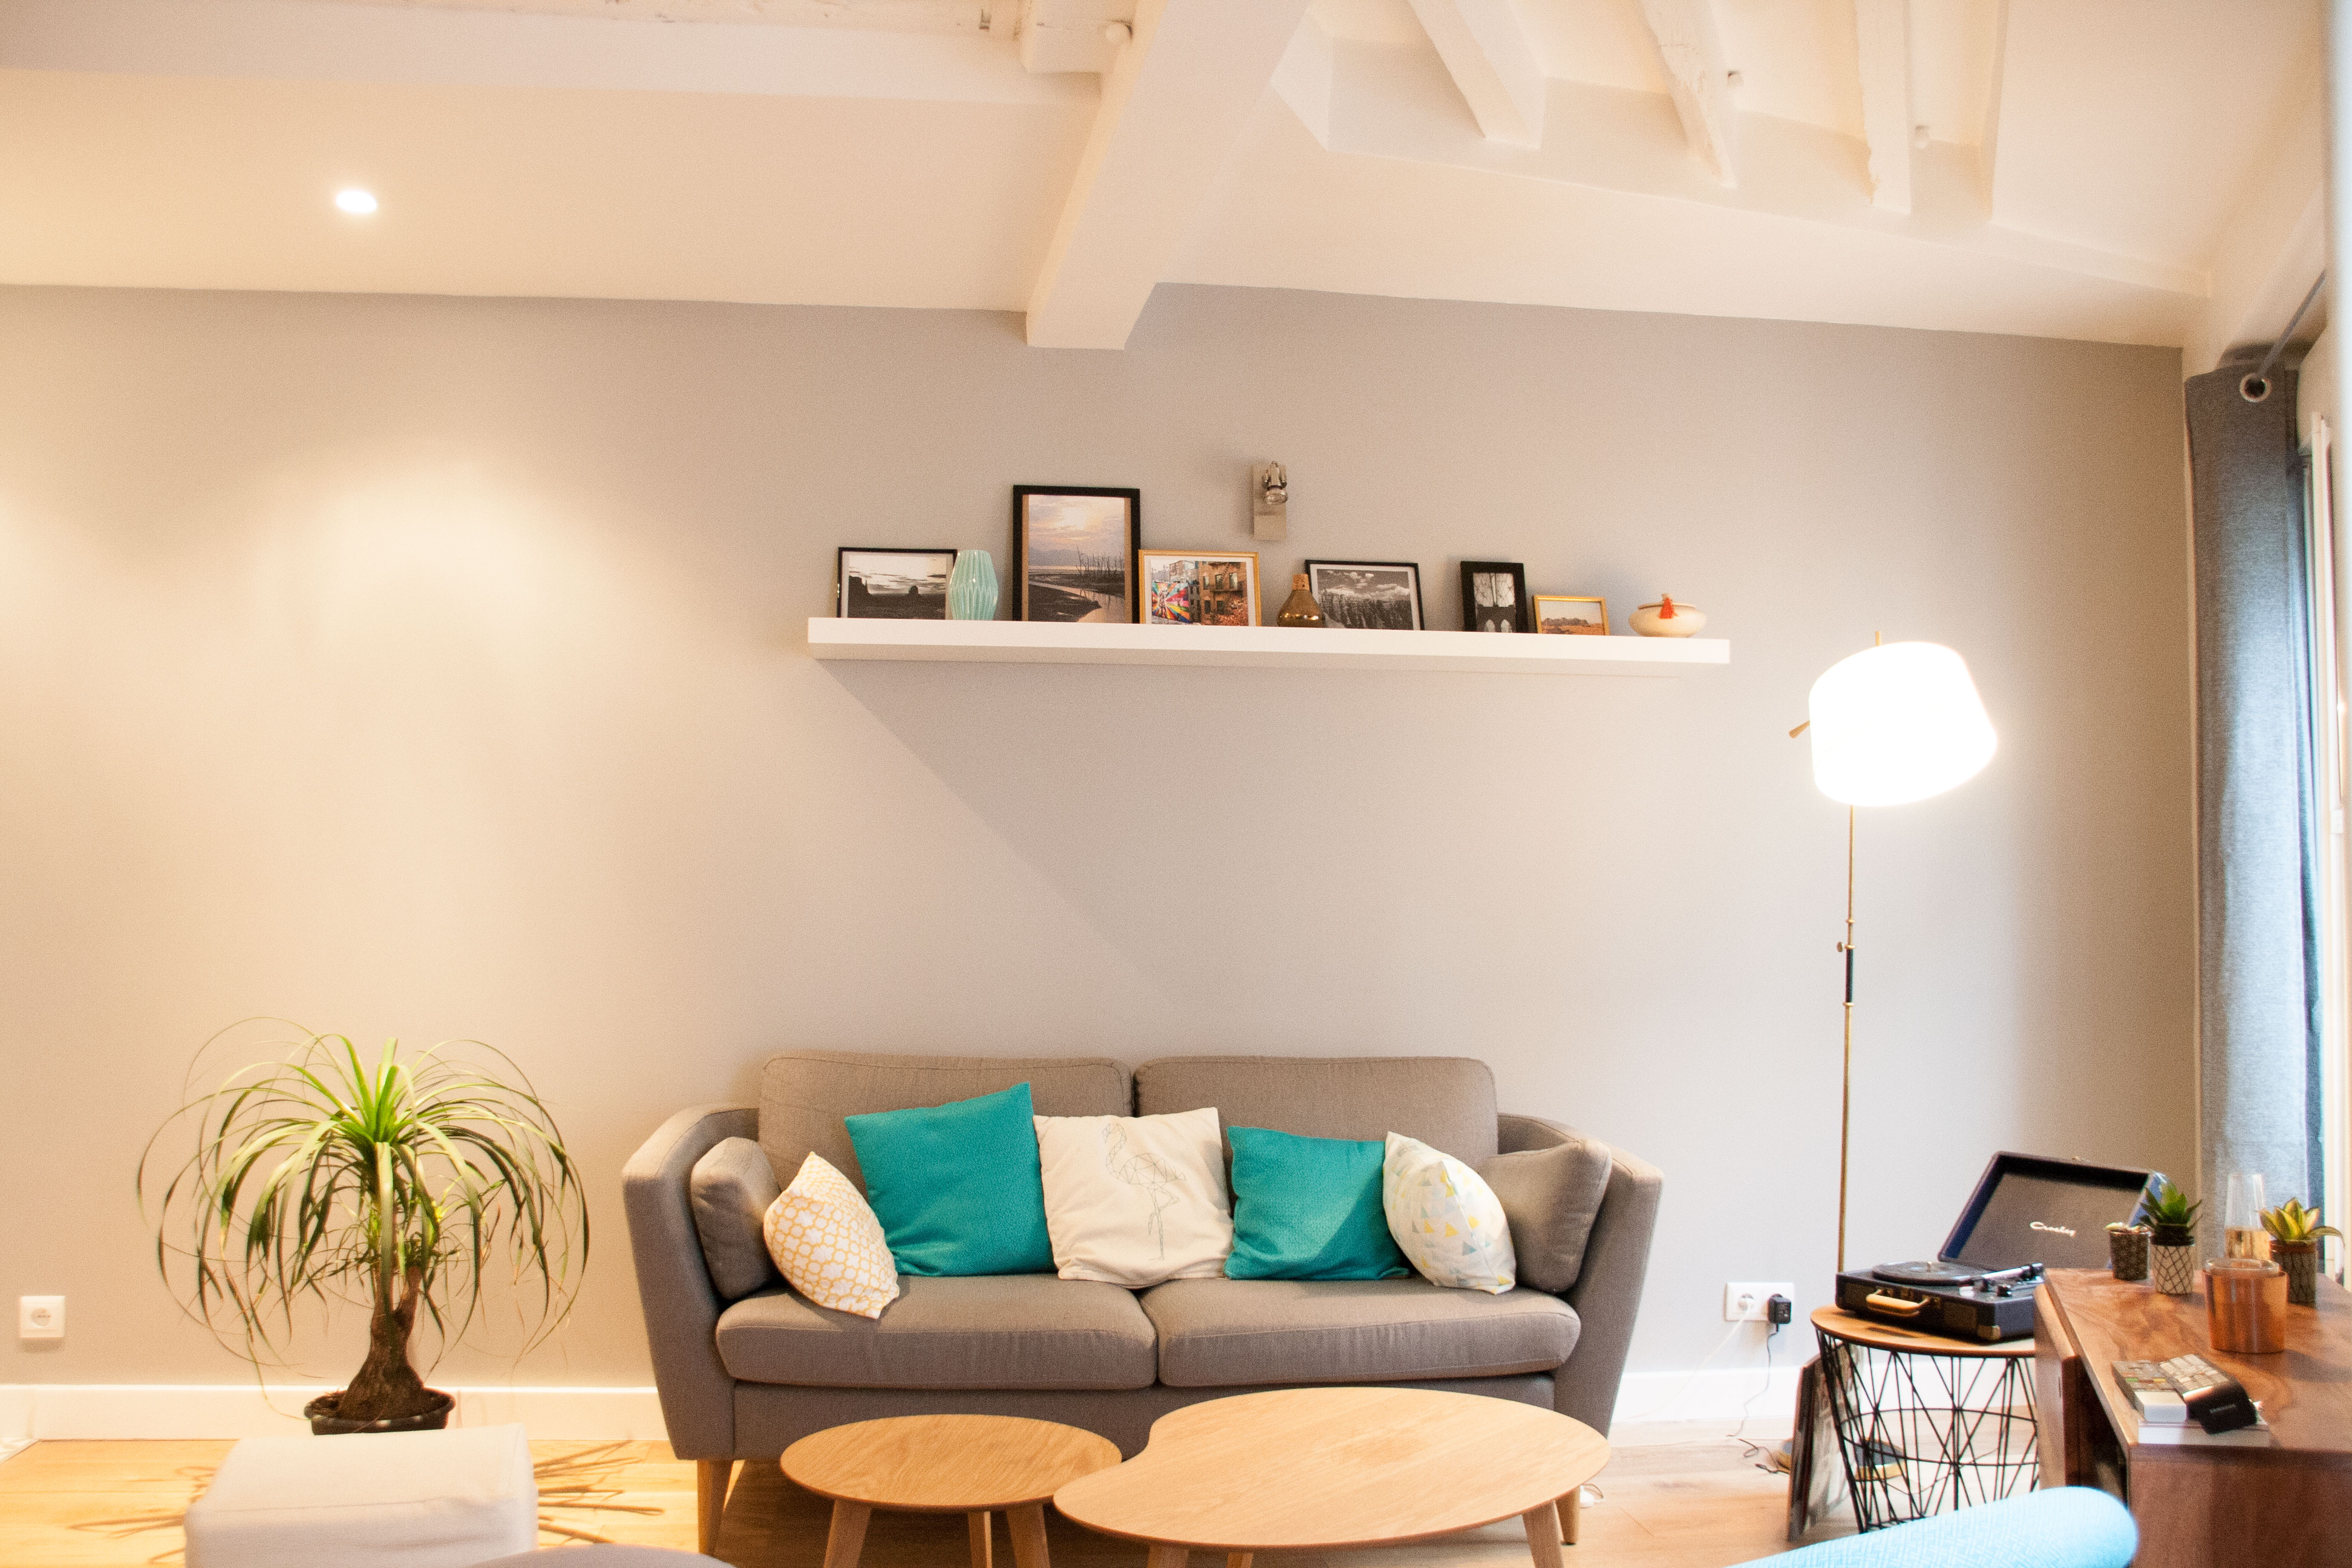 chasseur immobilier avis et t moignage client audrey chasseur d 39 appartement paris. Black Bedroom Furniture Sets. Home Design Ideas